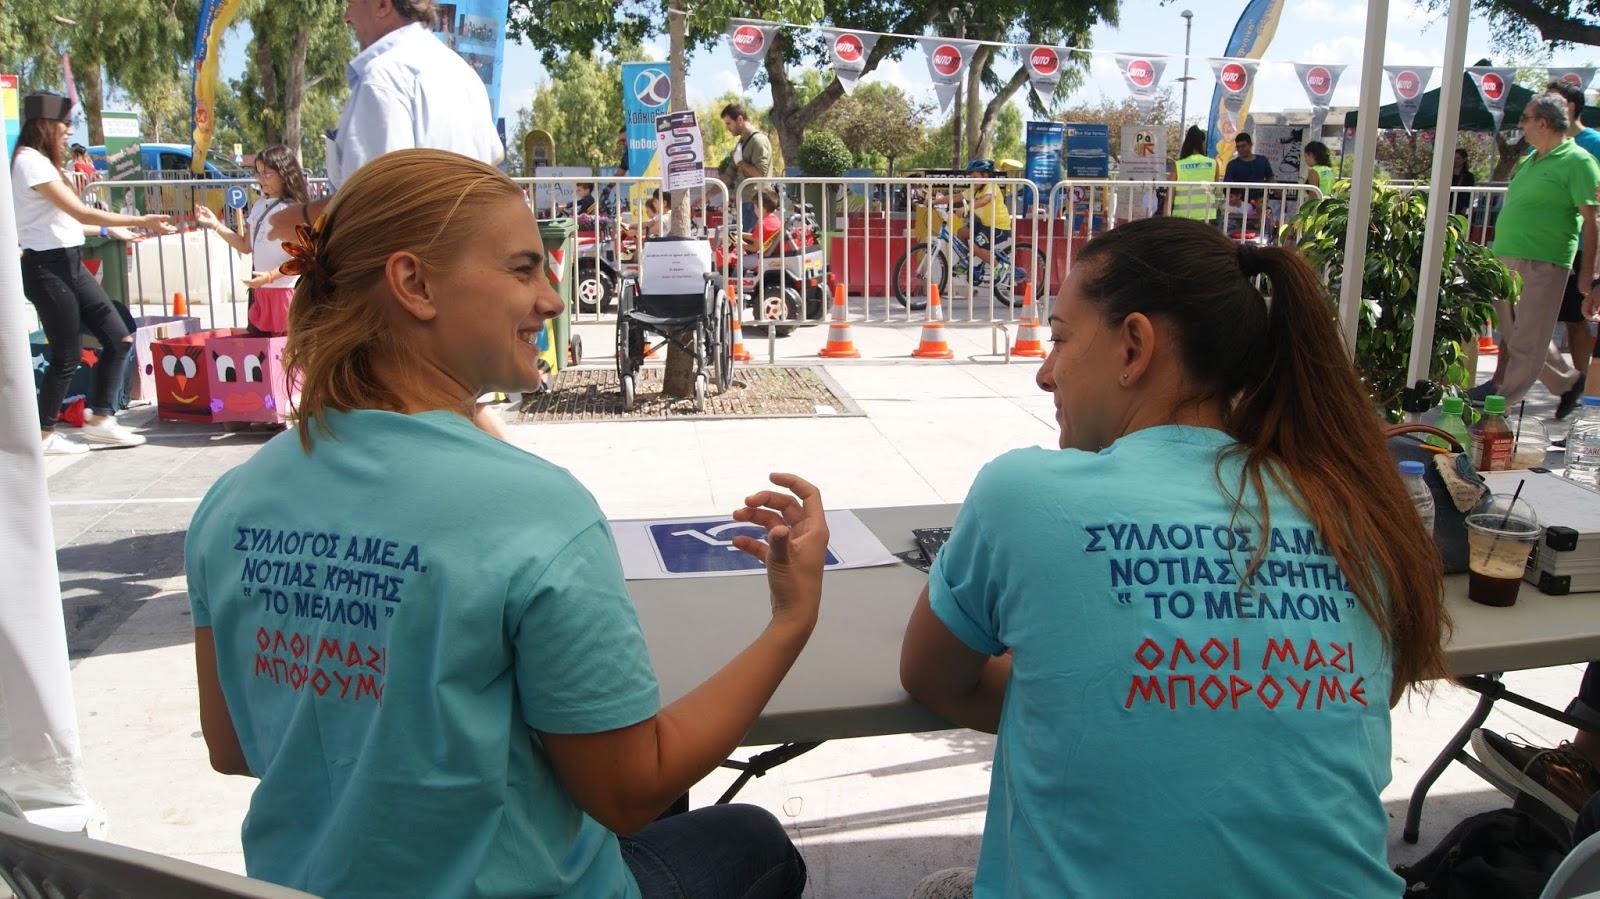 """2 Εθελόντριες από το σύλλογο ΑμεΑ Νότιας Κρήτης """"Το Μέλλον"""""""